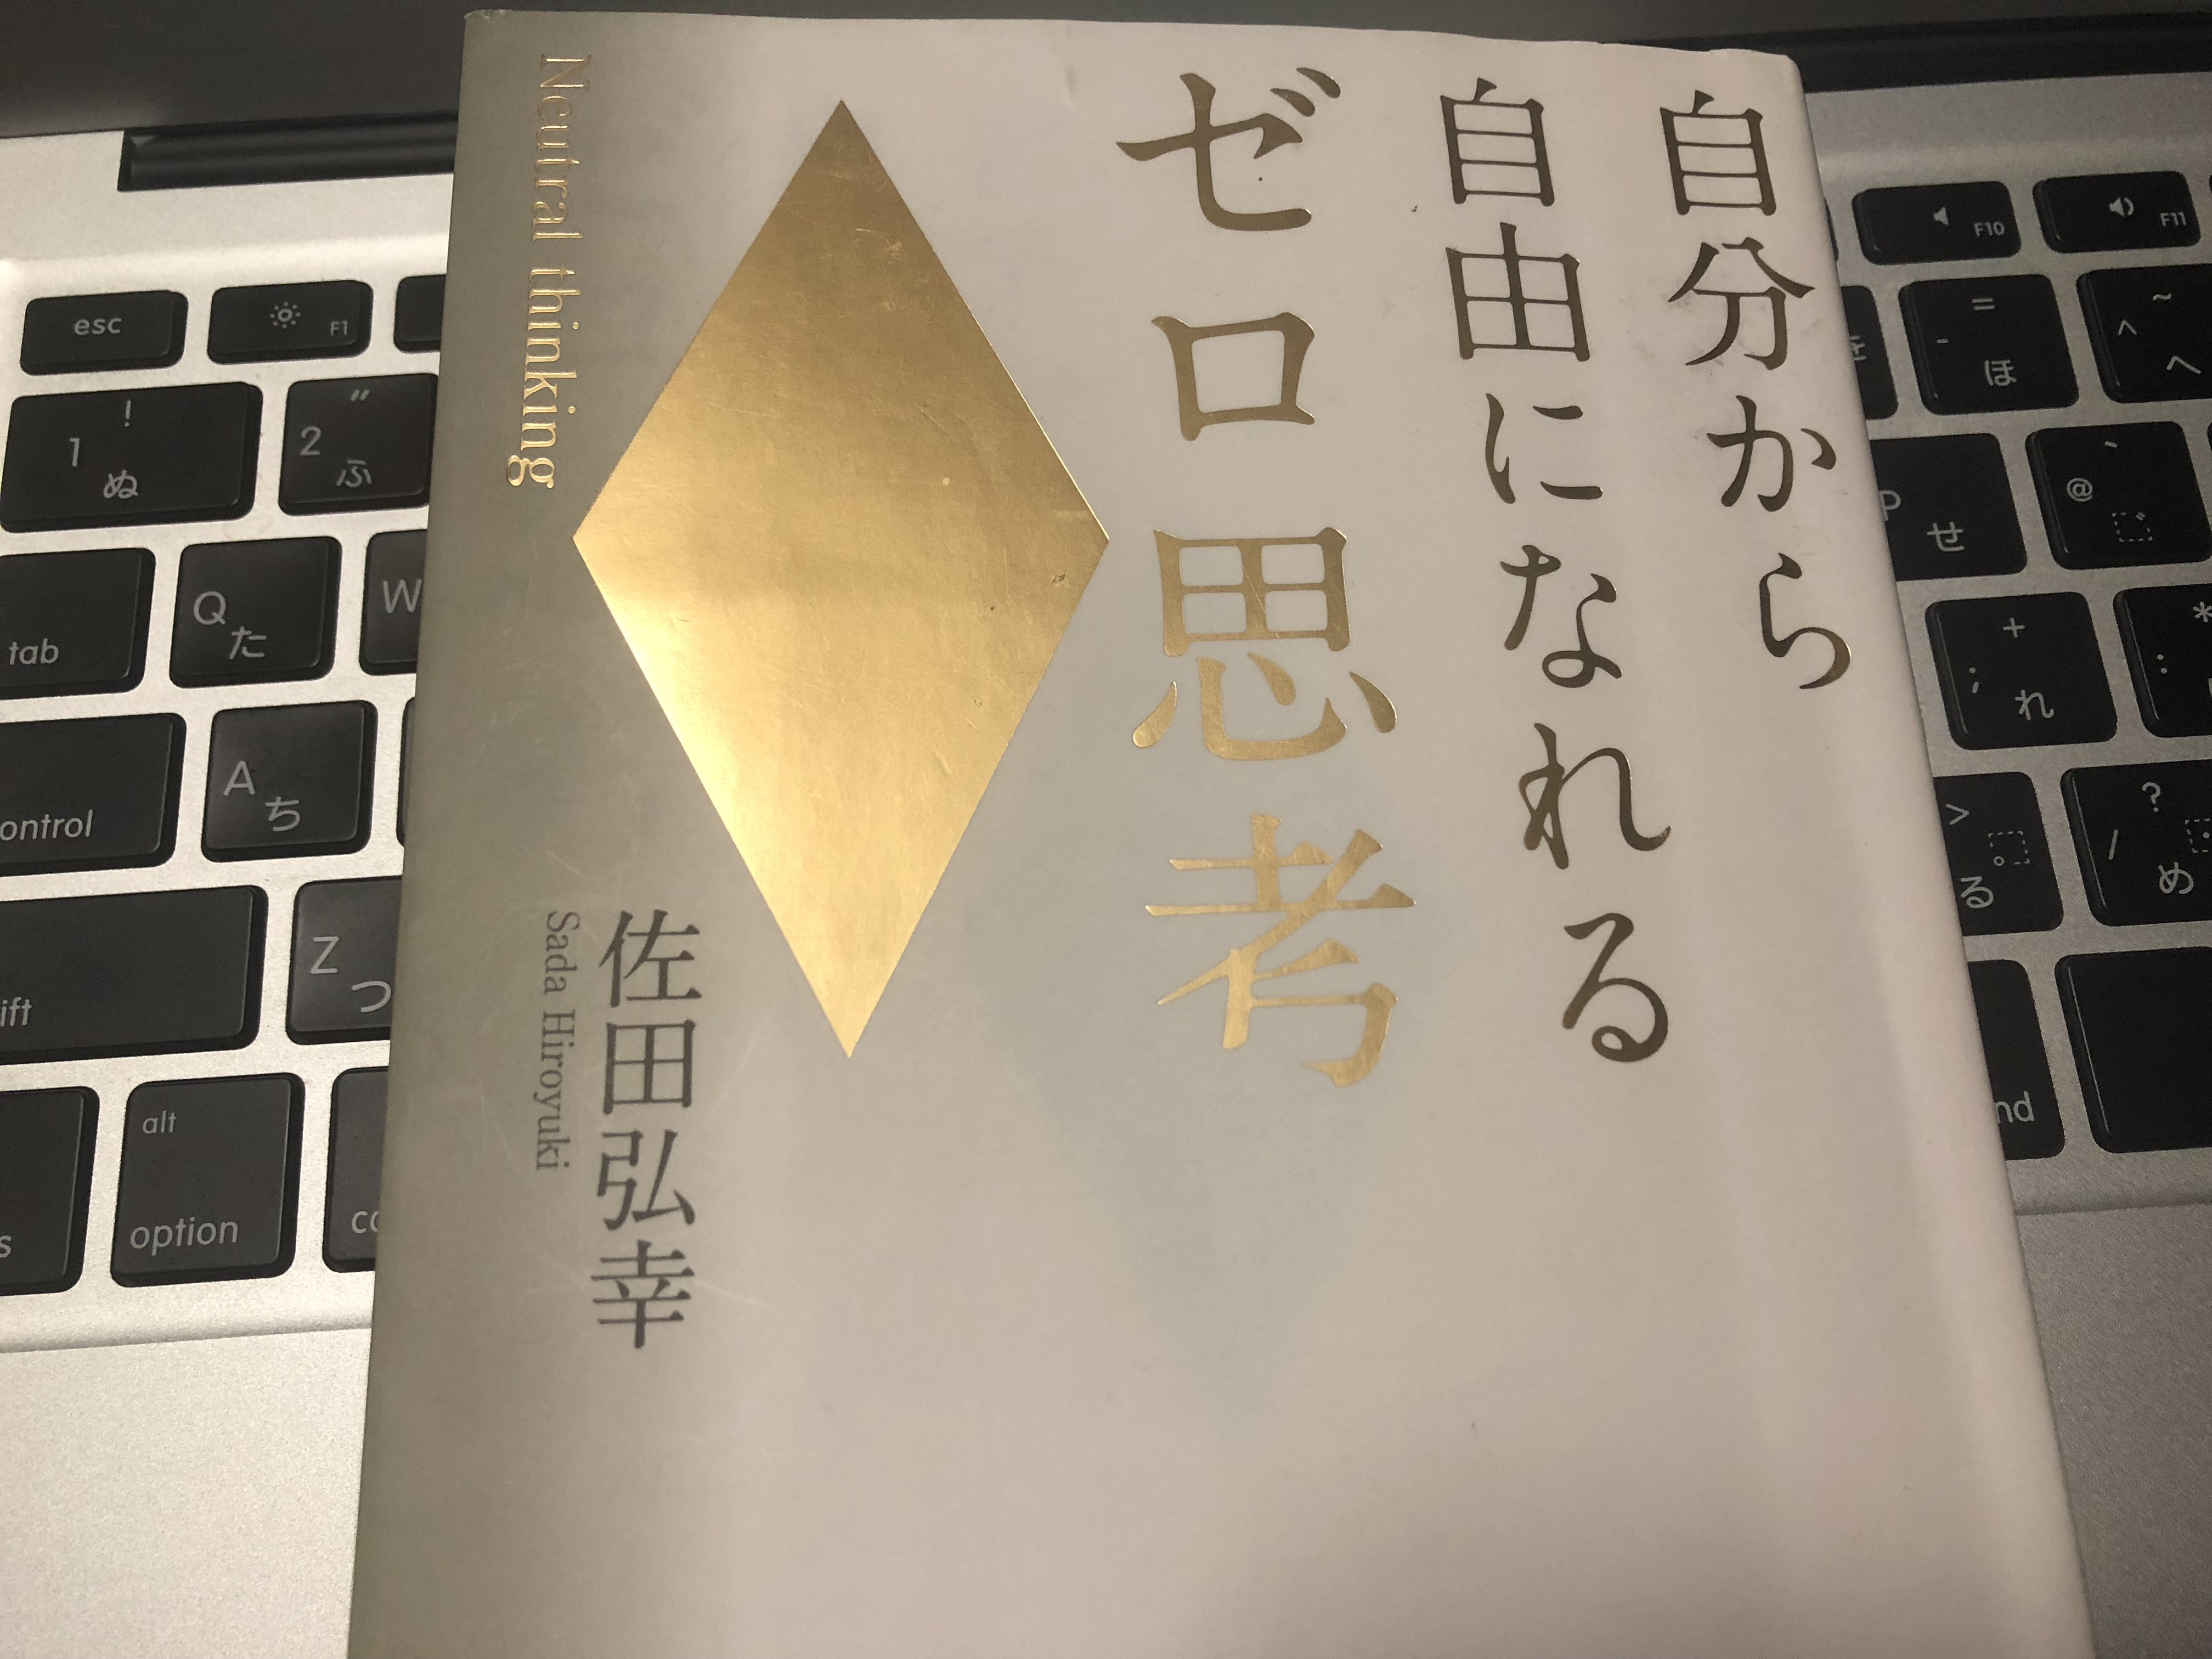 佐田弘幸氏の『自分から自由になれるゼロ思考』の画像